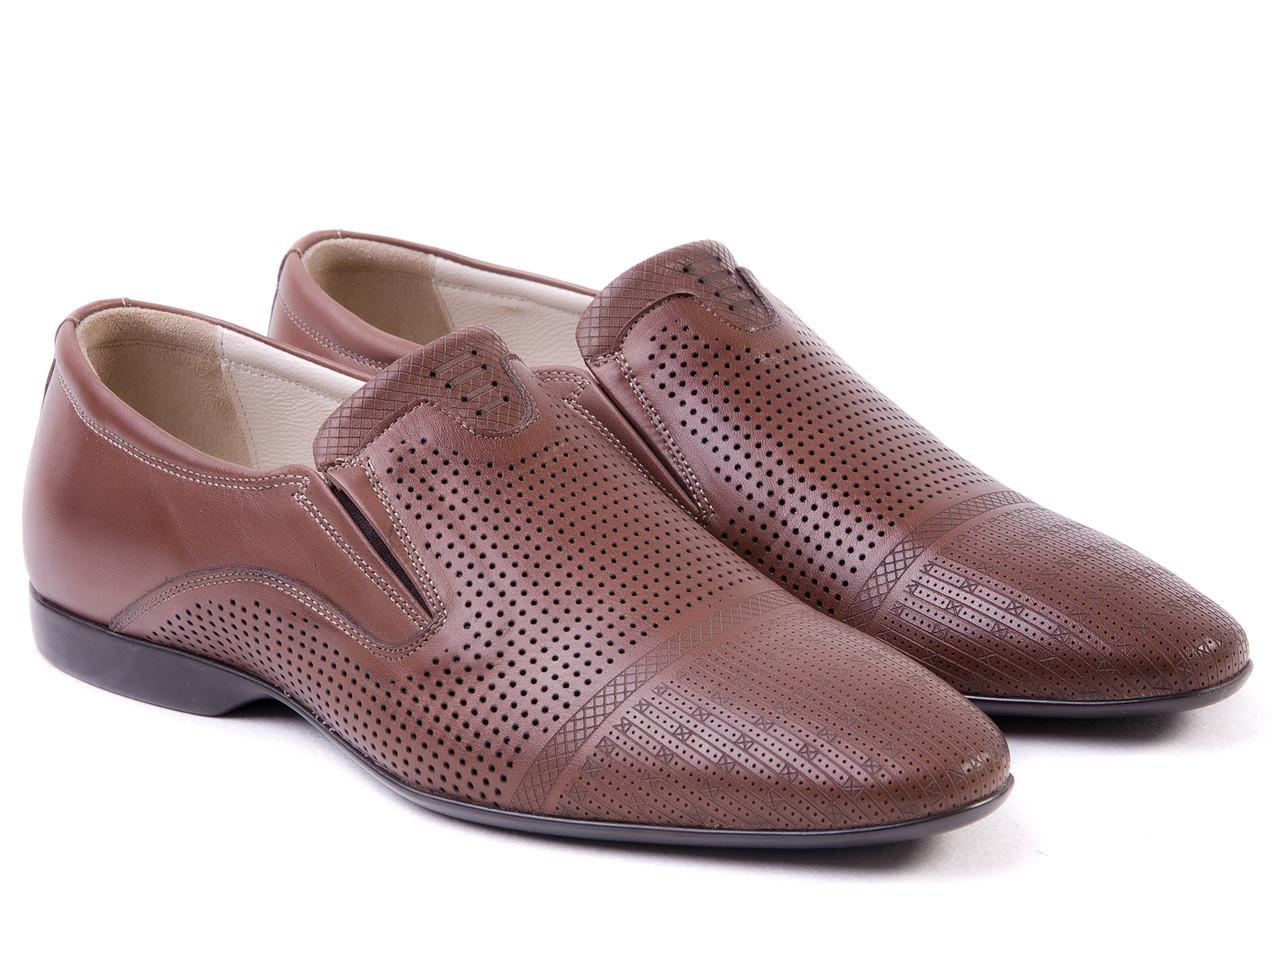 Туфли Etor 11738-7115-325 45 коричневые